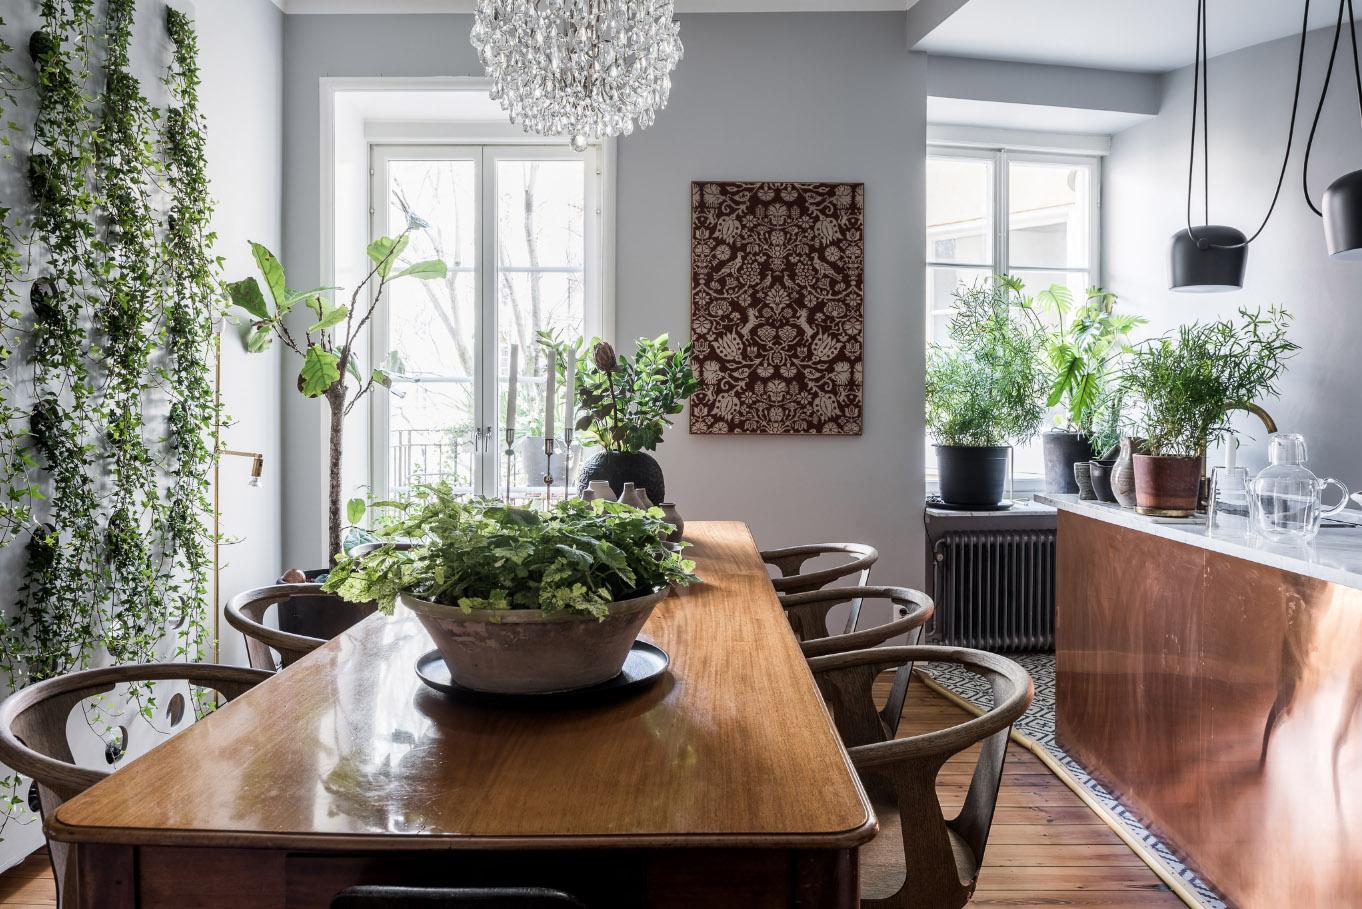 Piante Da Cucina | Piante Fiorite Da Ombra Idee Per Il Design Della Casa